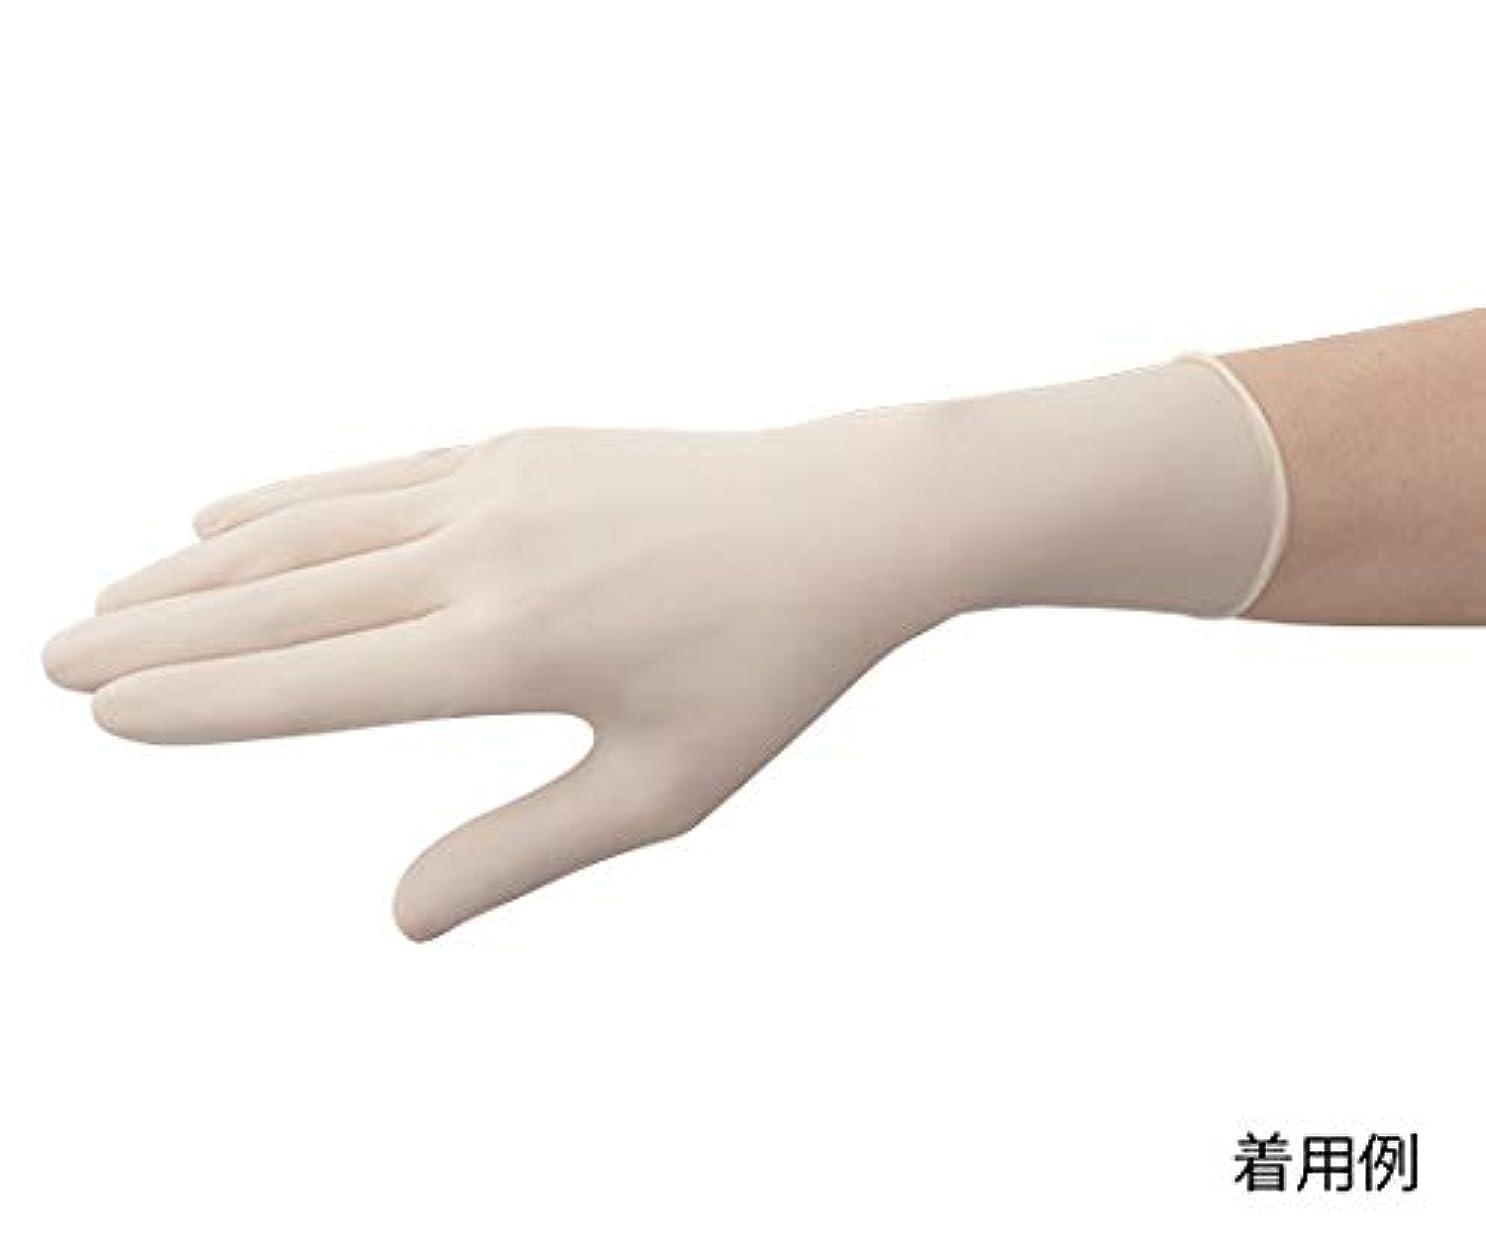 間違っているシンカン妻東レ?メディカル 手術用手袋メディグリップ パウダーフリー50双 8155MG